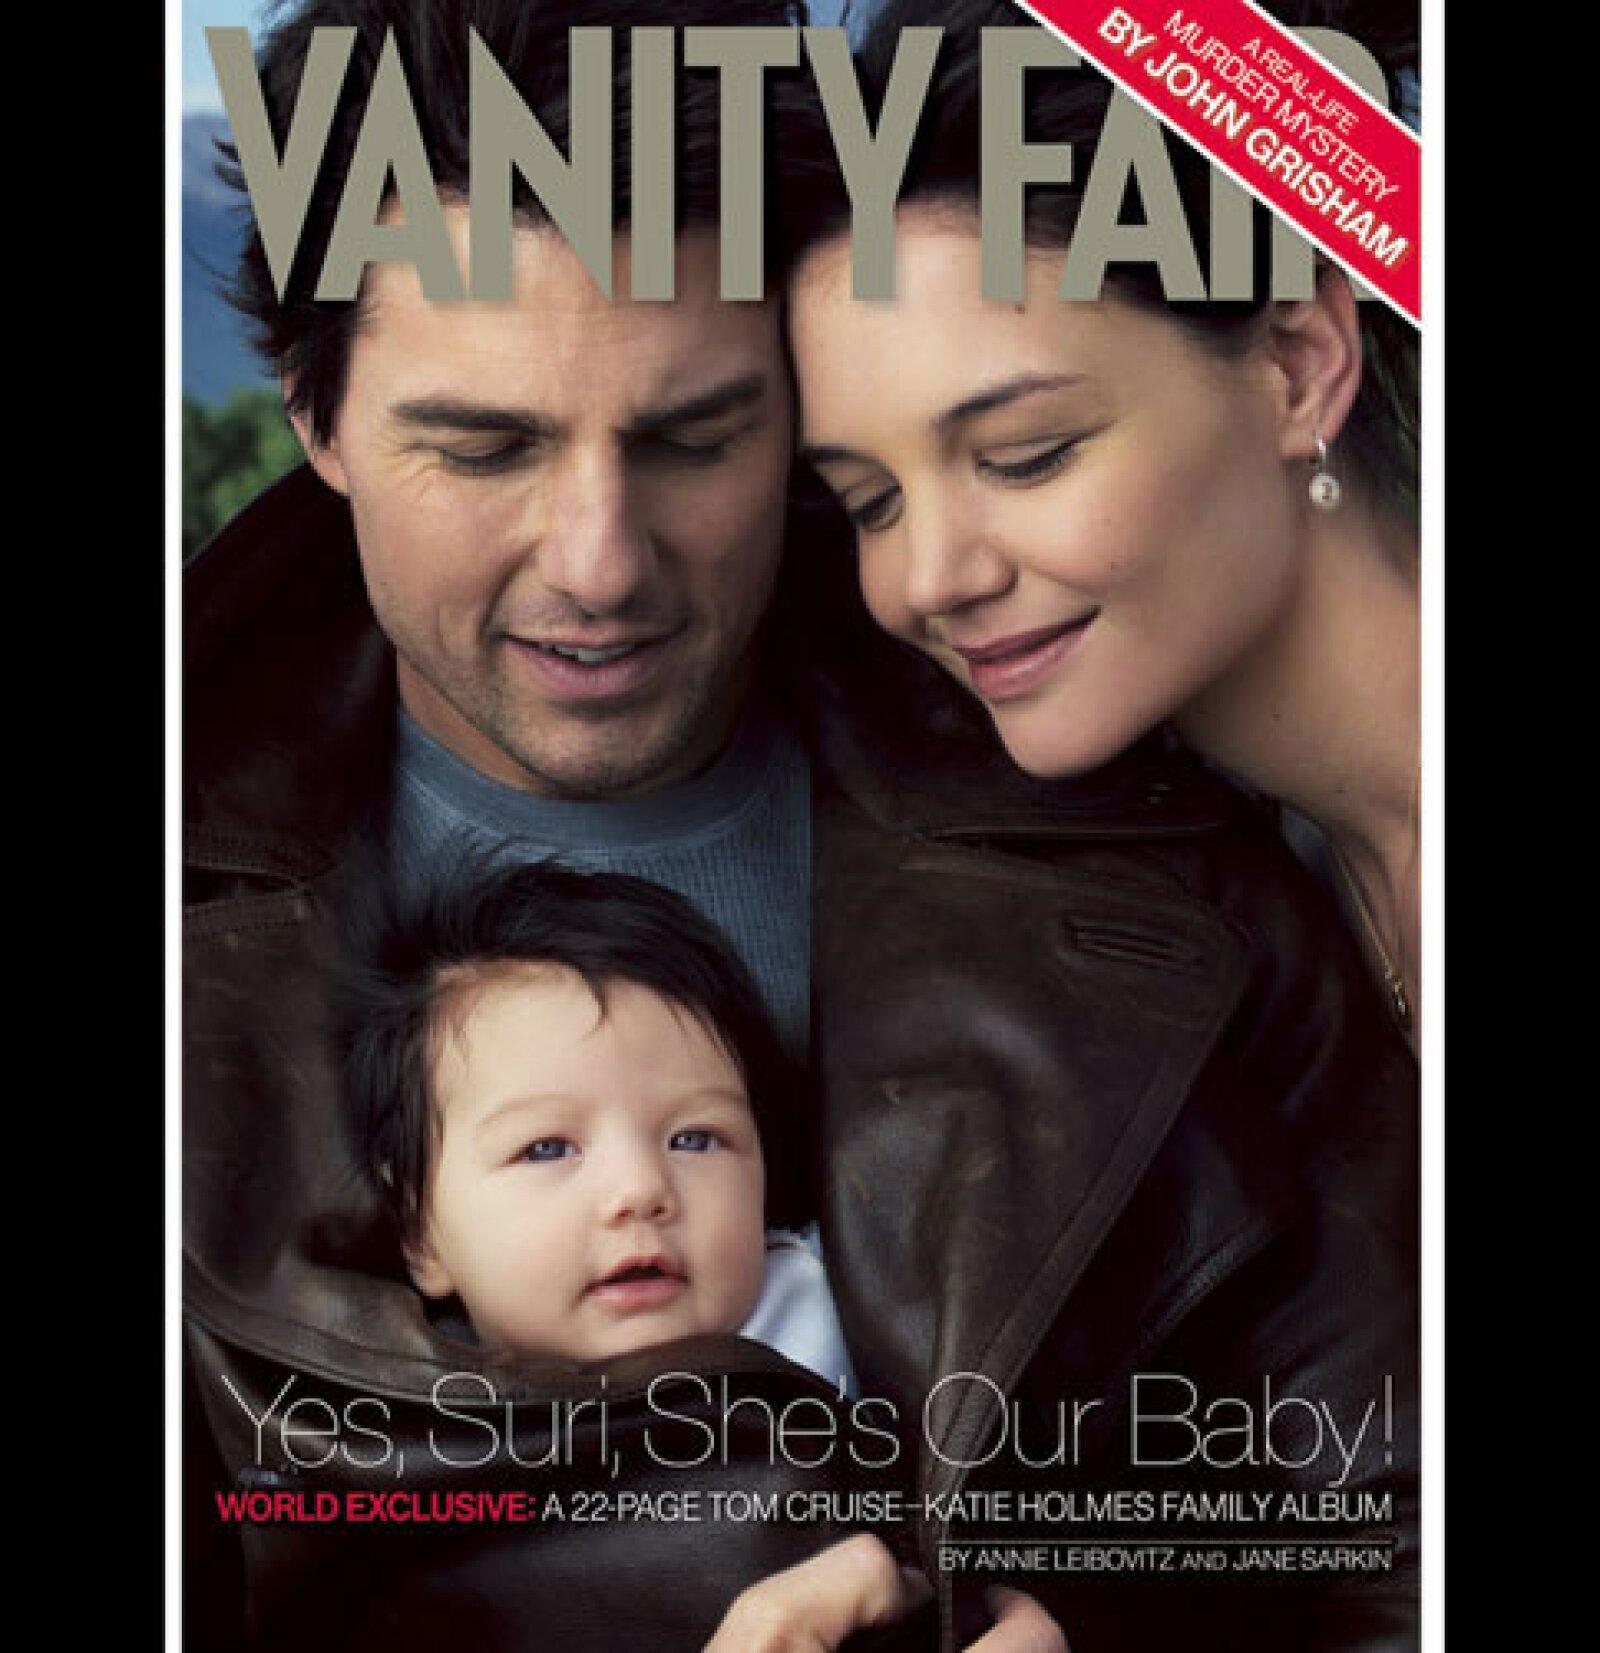 Fue un 18 de abril cuando Tom Cruise y Katie Holmes se convirtieron en padres.